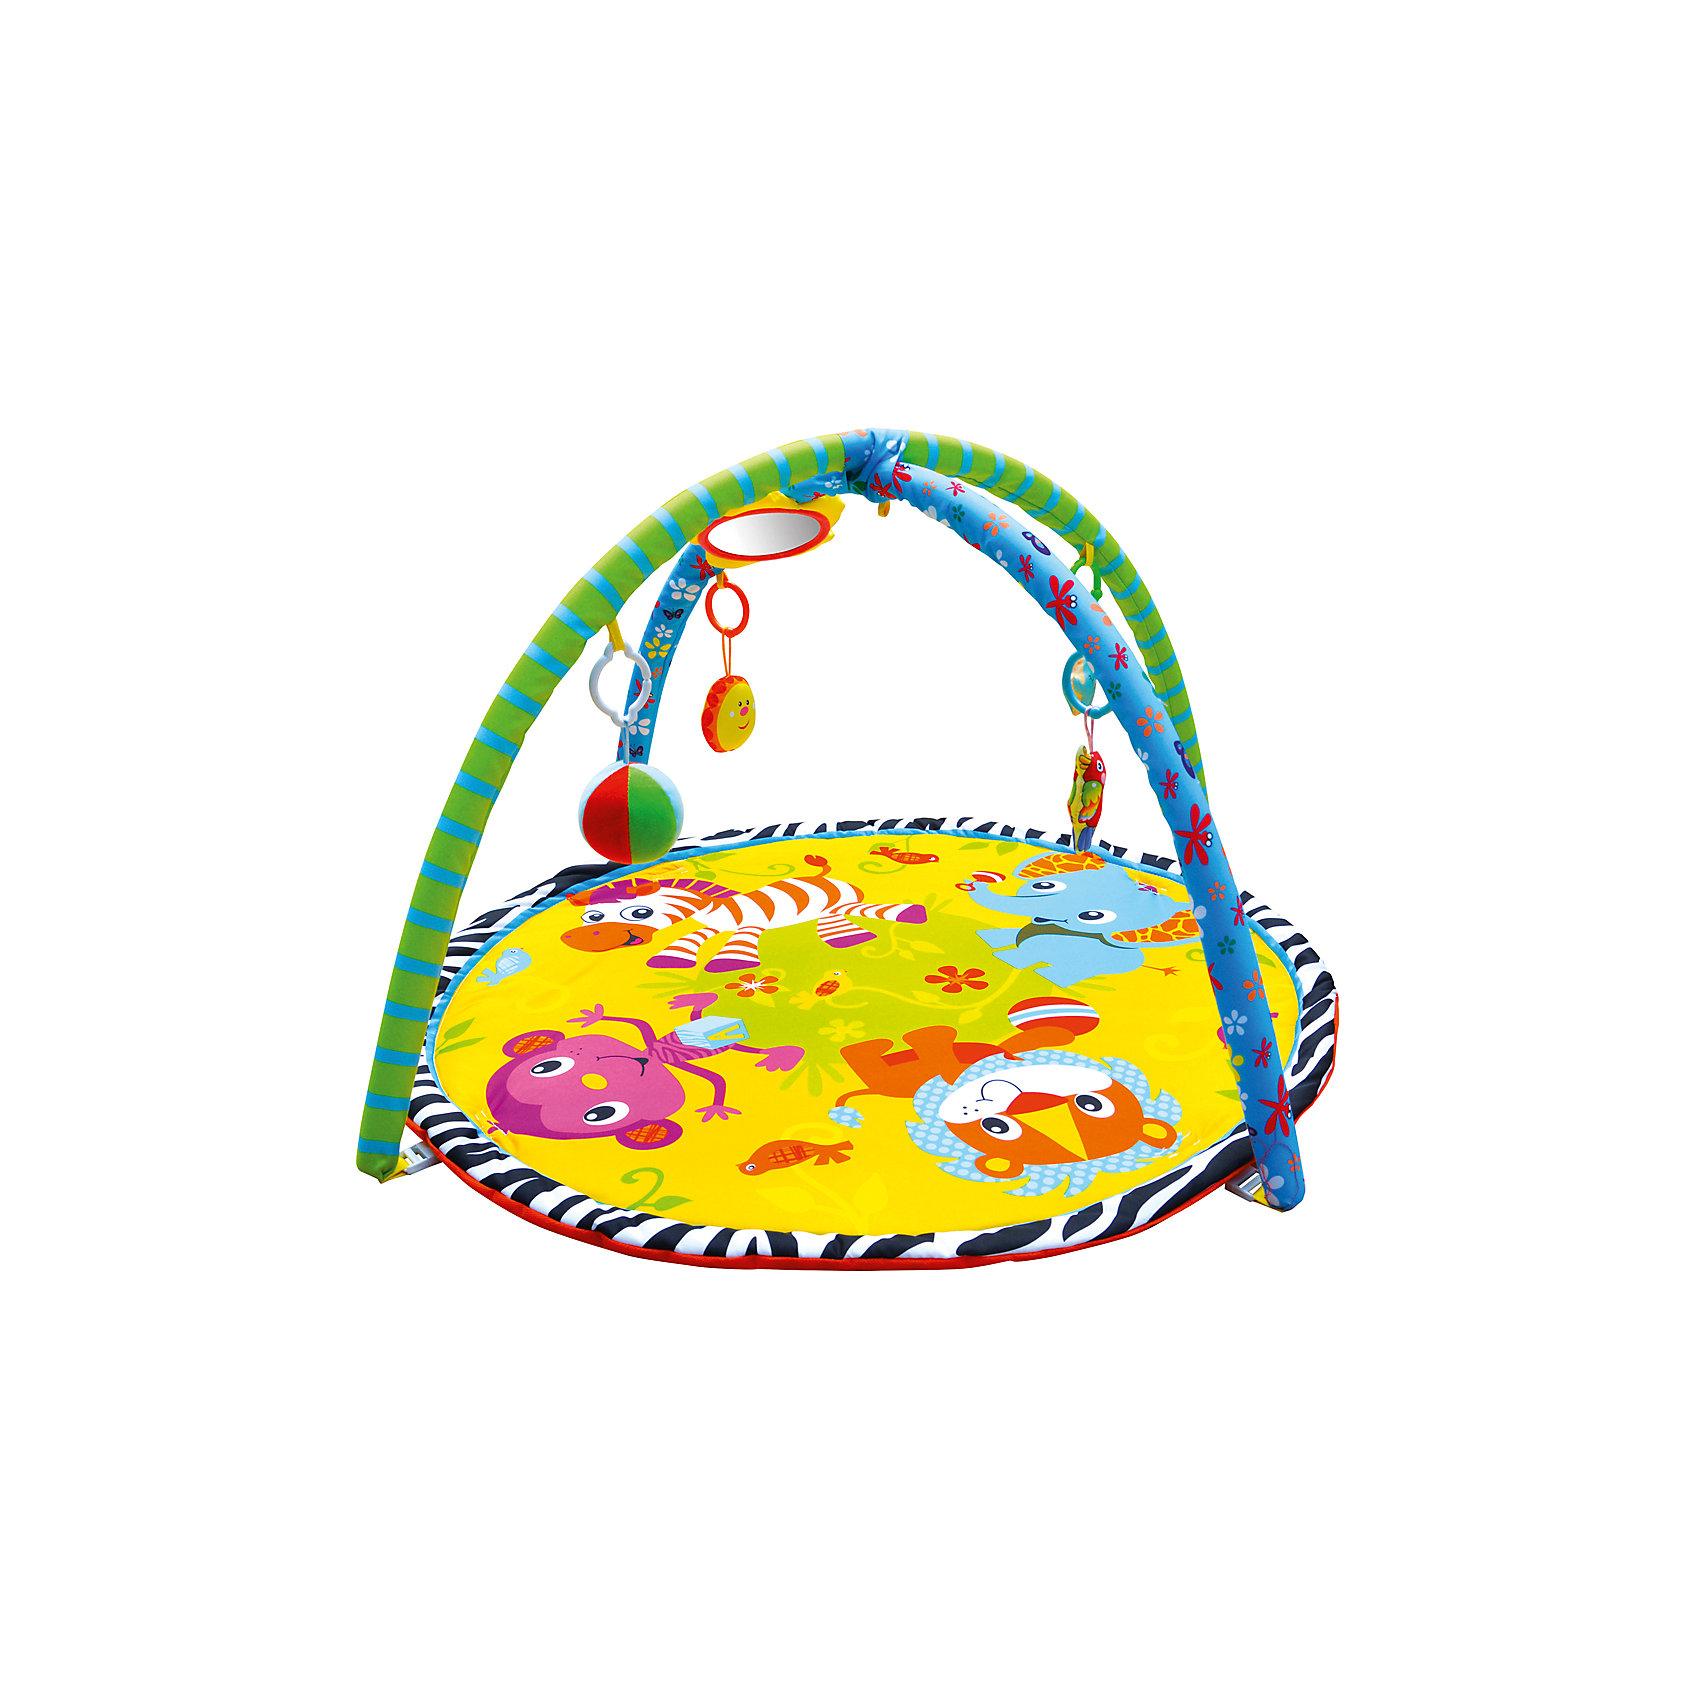 Развивающий коврик «Джунгли зовут!», ЖирафикиИгрушки для малышей<br>Развивающий коврик – идеальное место для игры малыша и просто провождении времени вне сна. Коврик сам по себе – развивающая игрушка с множеством интересных и разнообразных деталей. Погремушки, пищалки, зеркальца, звуковые и световые эффекты сделают коврик любимой игрушкой ребенка. Коврик развивает воображение, улучшает координацию и мелкую моторику ребенка. Материалы, использованные при изготовлении товара, абсолютно безопасны и отвечают всем международным требованиям по качеству.<br><br>Дополнительные характеристики:<br><br>материал: текстиль, пластик;<br>цвет: разноцветный;<br>возраст: 0-12 месяцев;<br>габариты: 60 X 60 X 5 см.<br><br>Развивающий коврик Джунгли зовут! от компании Жирафики можно приобрести в нашем магазине.<br><br>Ширина мм: 650<br>Глубина мм: 940<br>Высота мм: 630<br>Вес г: 938<br>Возраст от месяцев: 1<br>Возраст до месяцев: 36<br>Пол: Унисекс<br>Возраст: Детский<br>SKU: 5032572